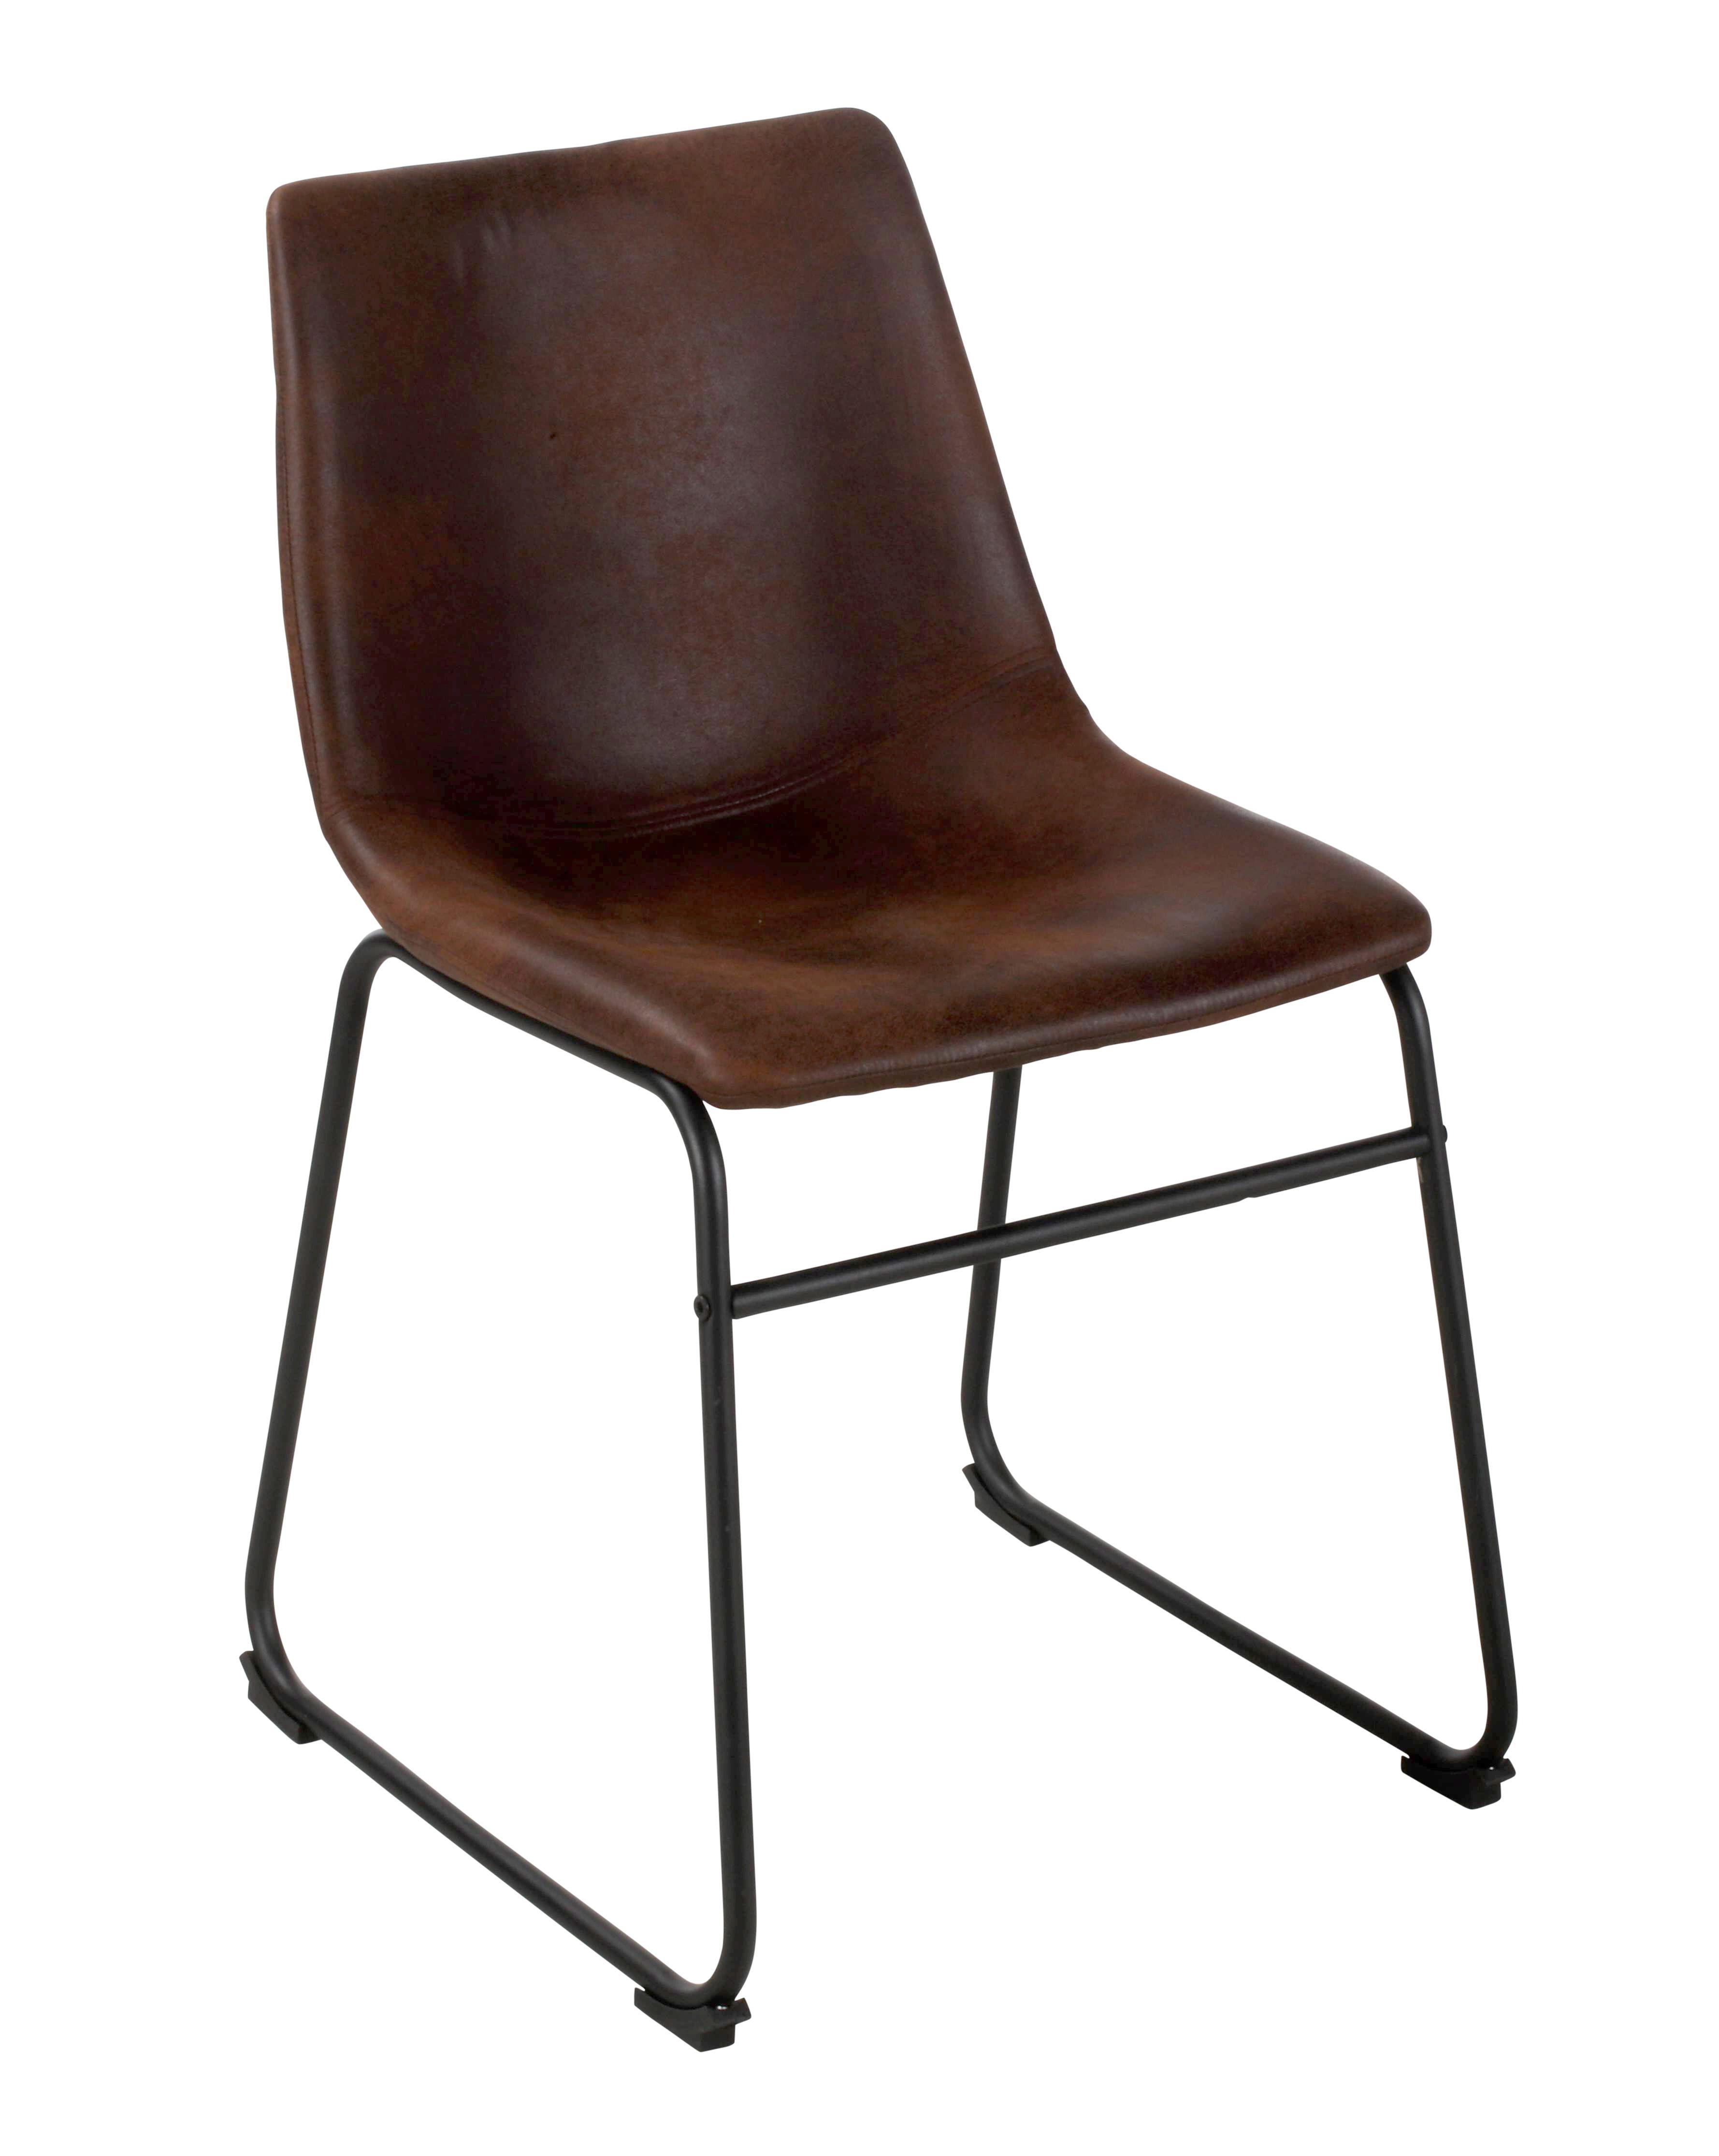 Chaise Romane Marron Vintage Deco Industrielle Chaise Chaise